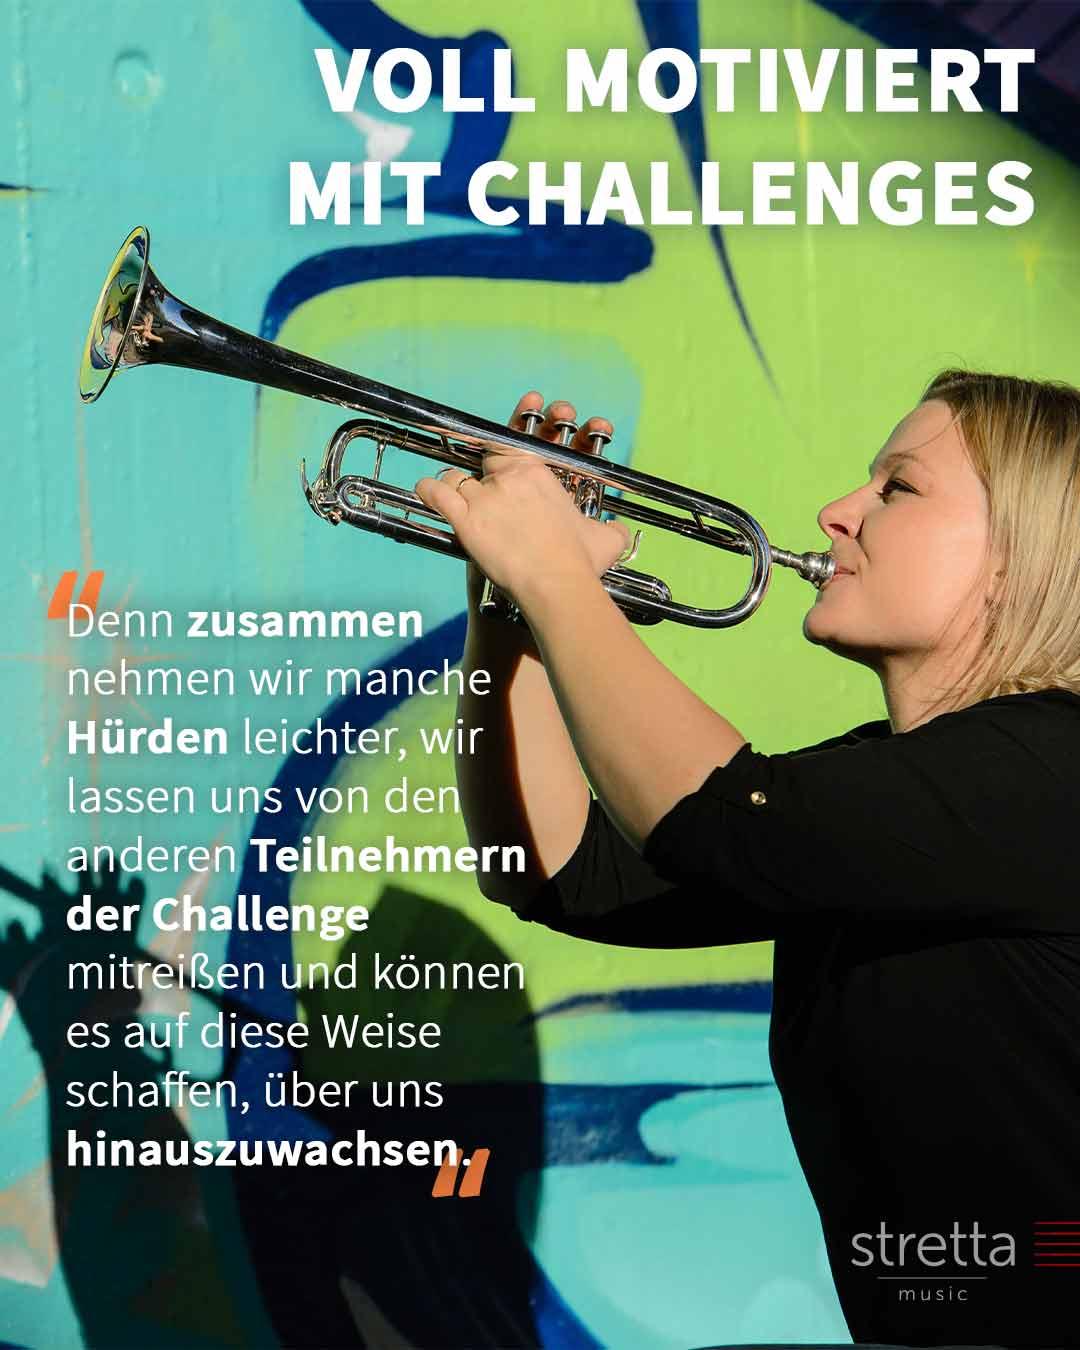 Voll motiviert musizieren mit Challenges